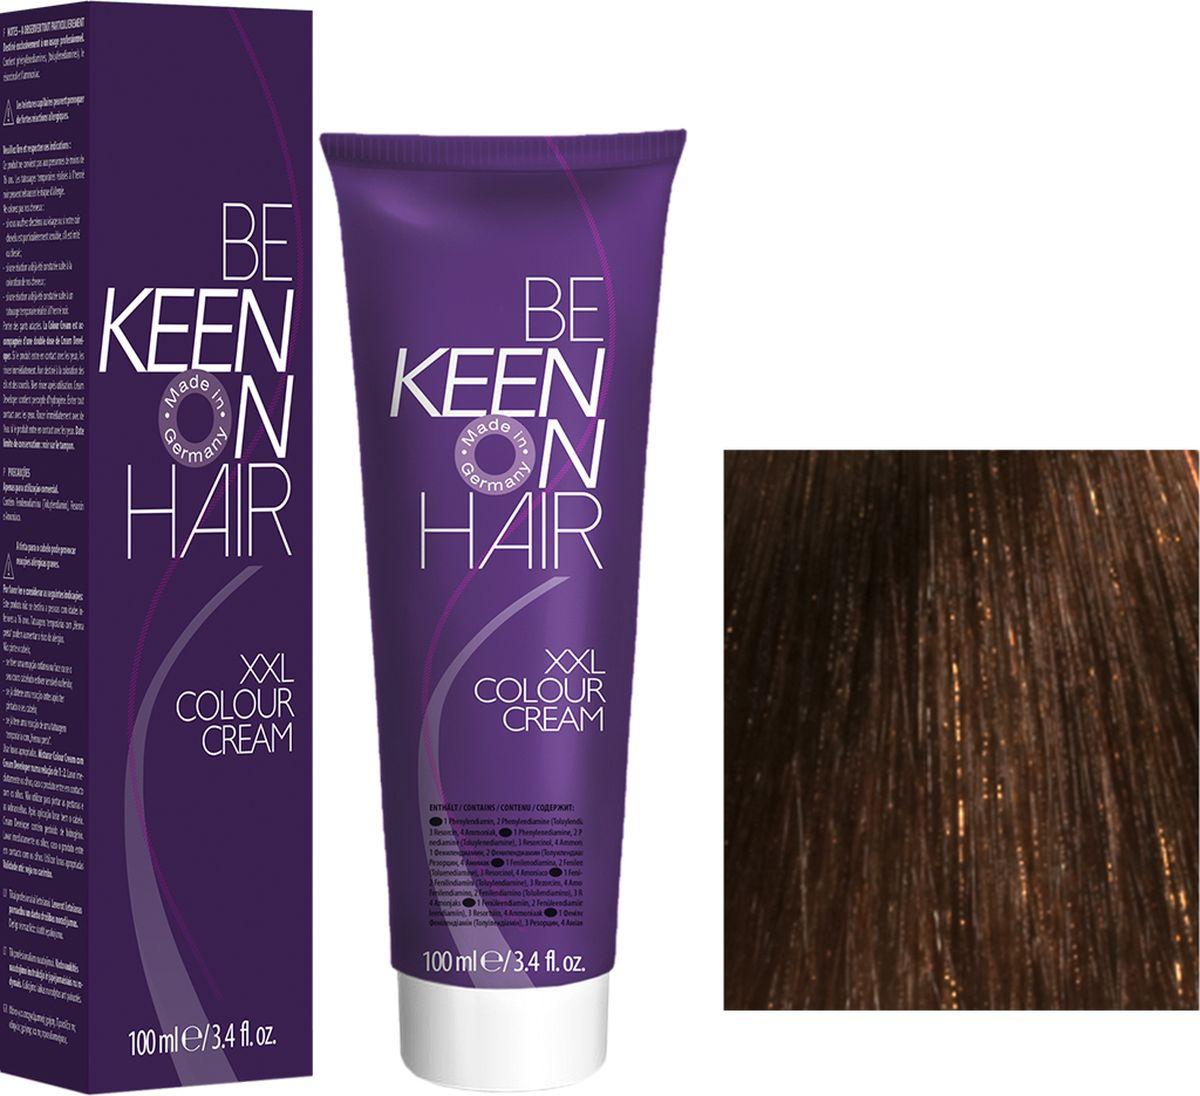 Keen Краска для волос 5.73 Гавана Havanna, 100 мл69100031Модные оттенкиБолее 100 оттенков для креативной комбинации цветов.ЭкономичностьПри использовании тюбика 100 мл вы получаете оптимальное соотношение цены и качества!УходМолочный белок поддерживает структуру волоса во время окрашивания и придает волосам блеск и шелковистость. Протеины хорошо встраиваются в волосы и снабжают их влагой.